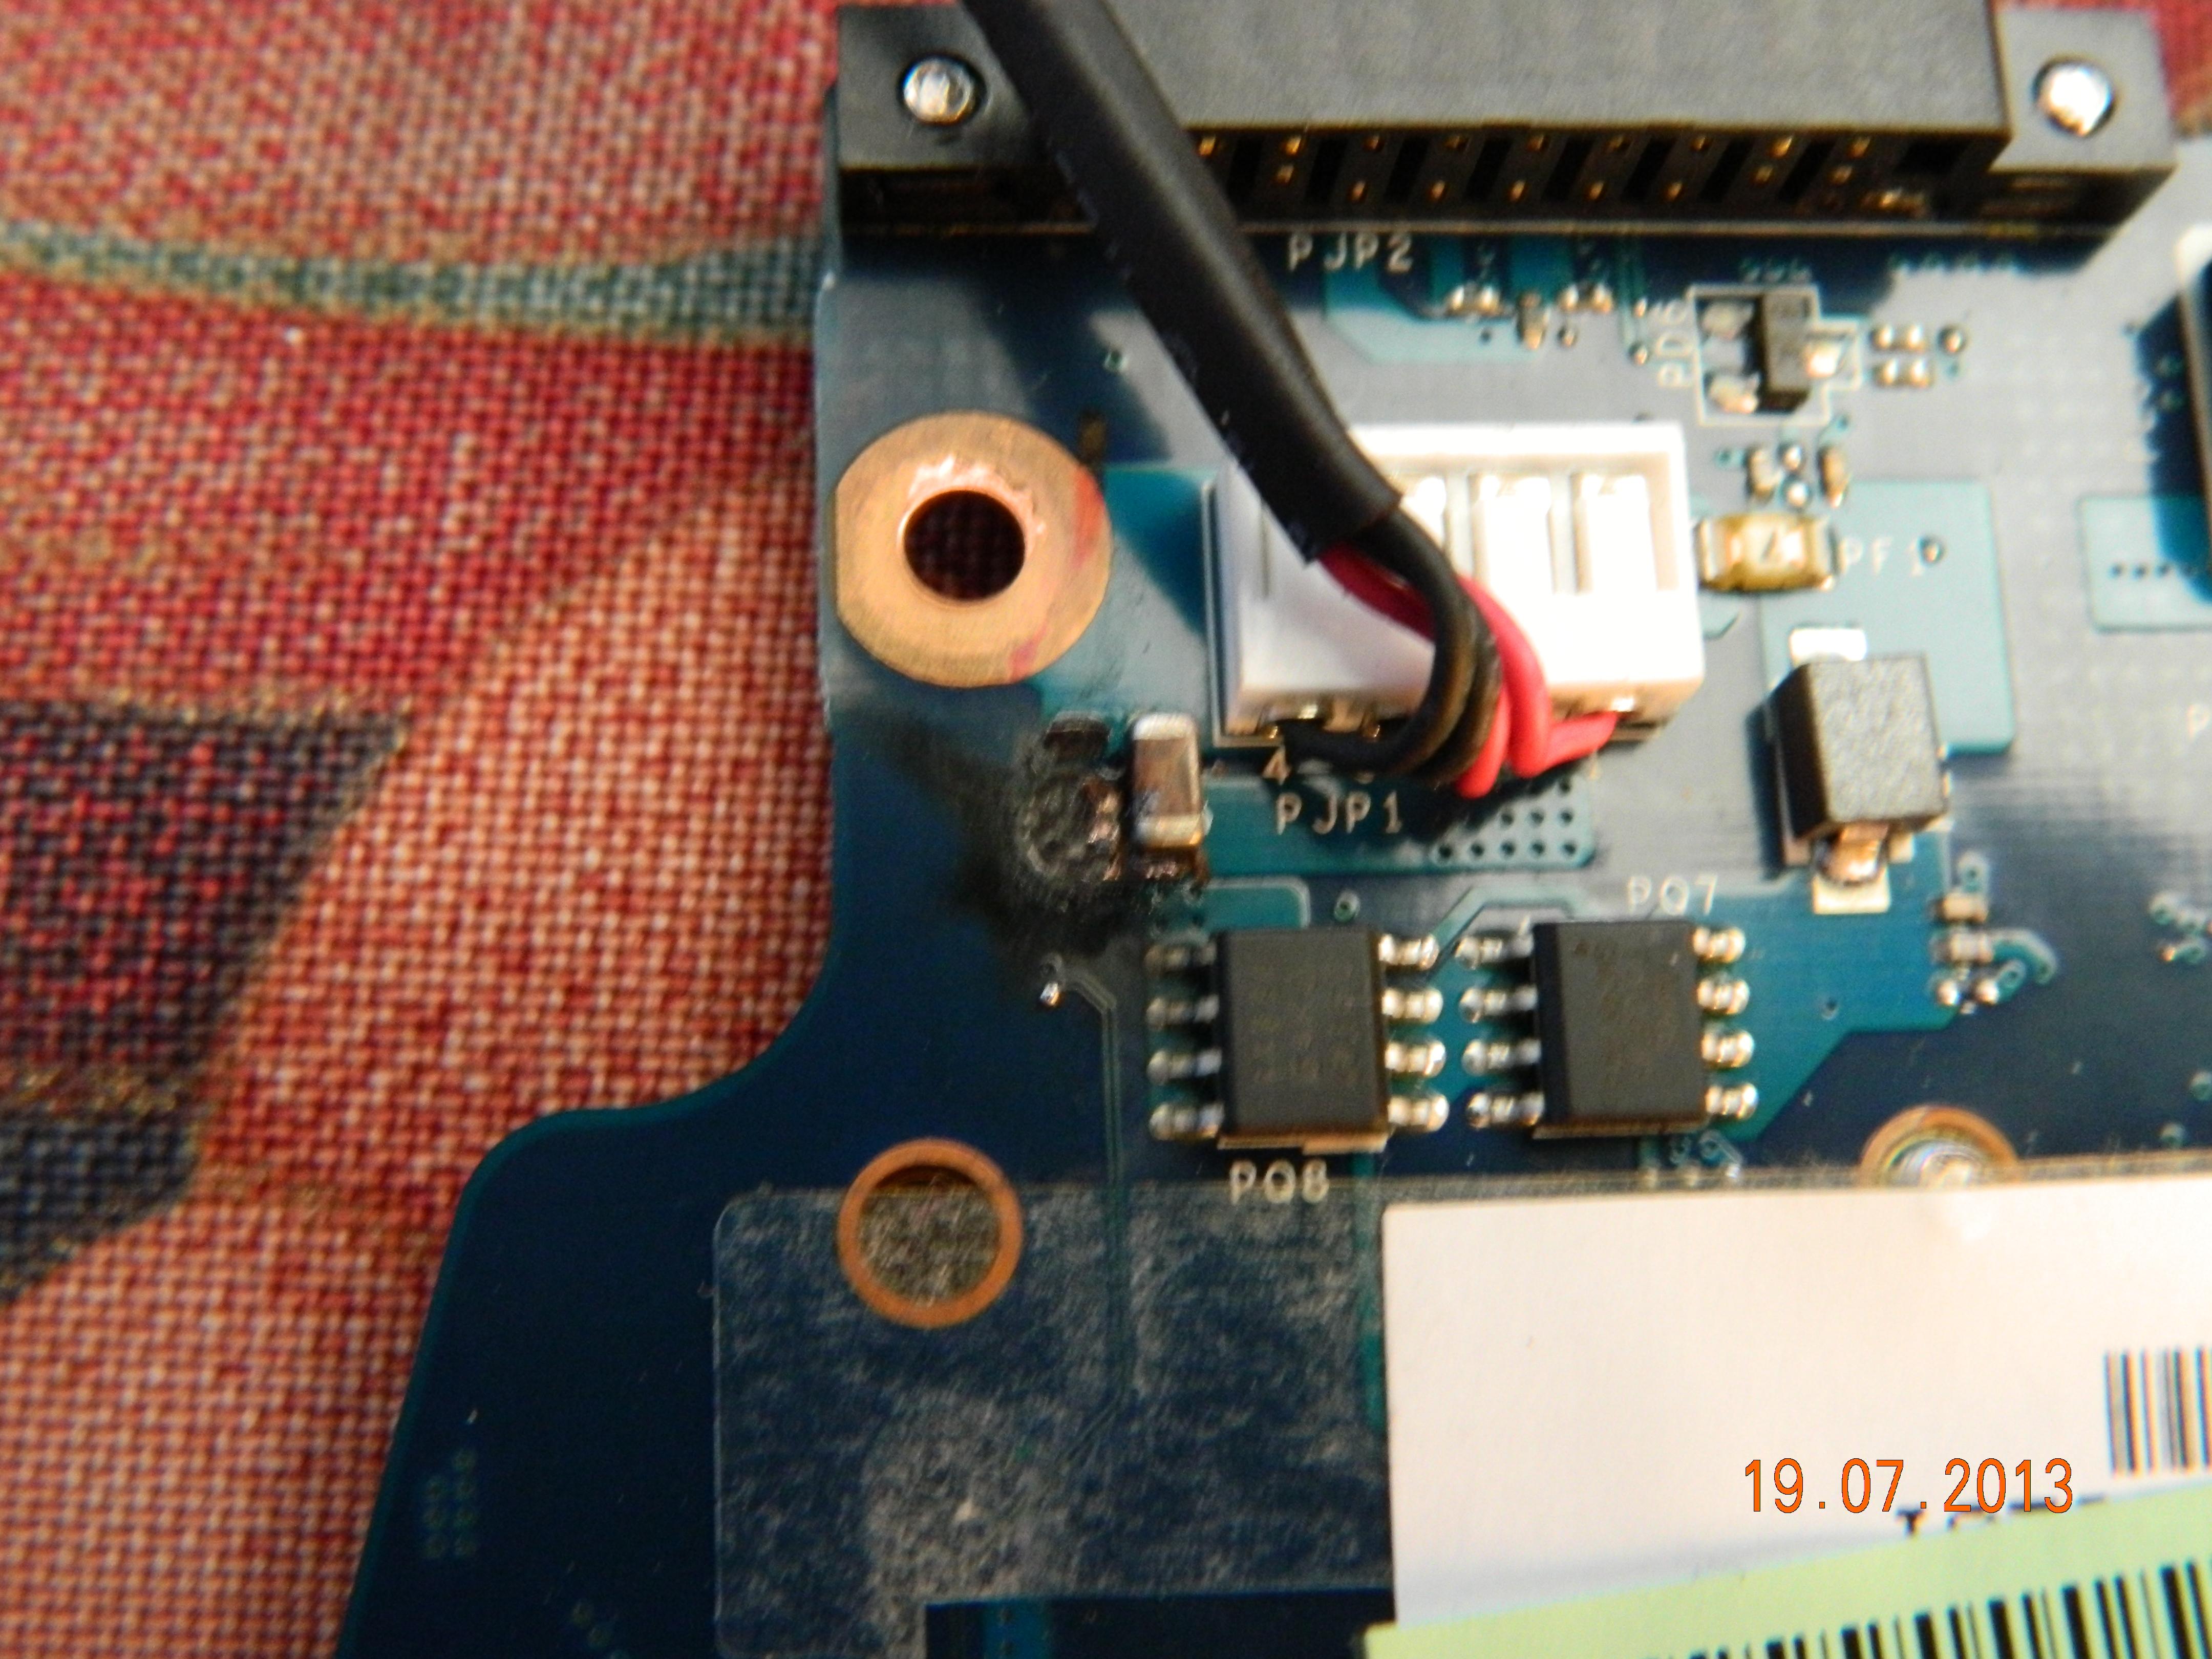 Toshiba Sattelite C660-1LD - Przepalony tranzystor przy gnie�dzie PJP1